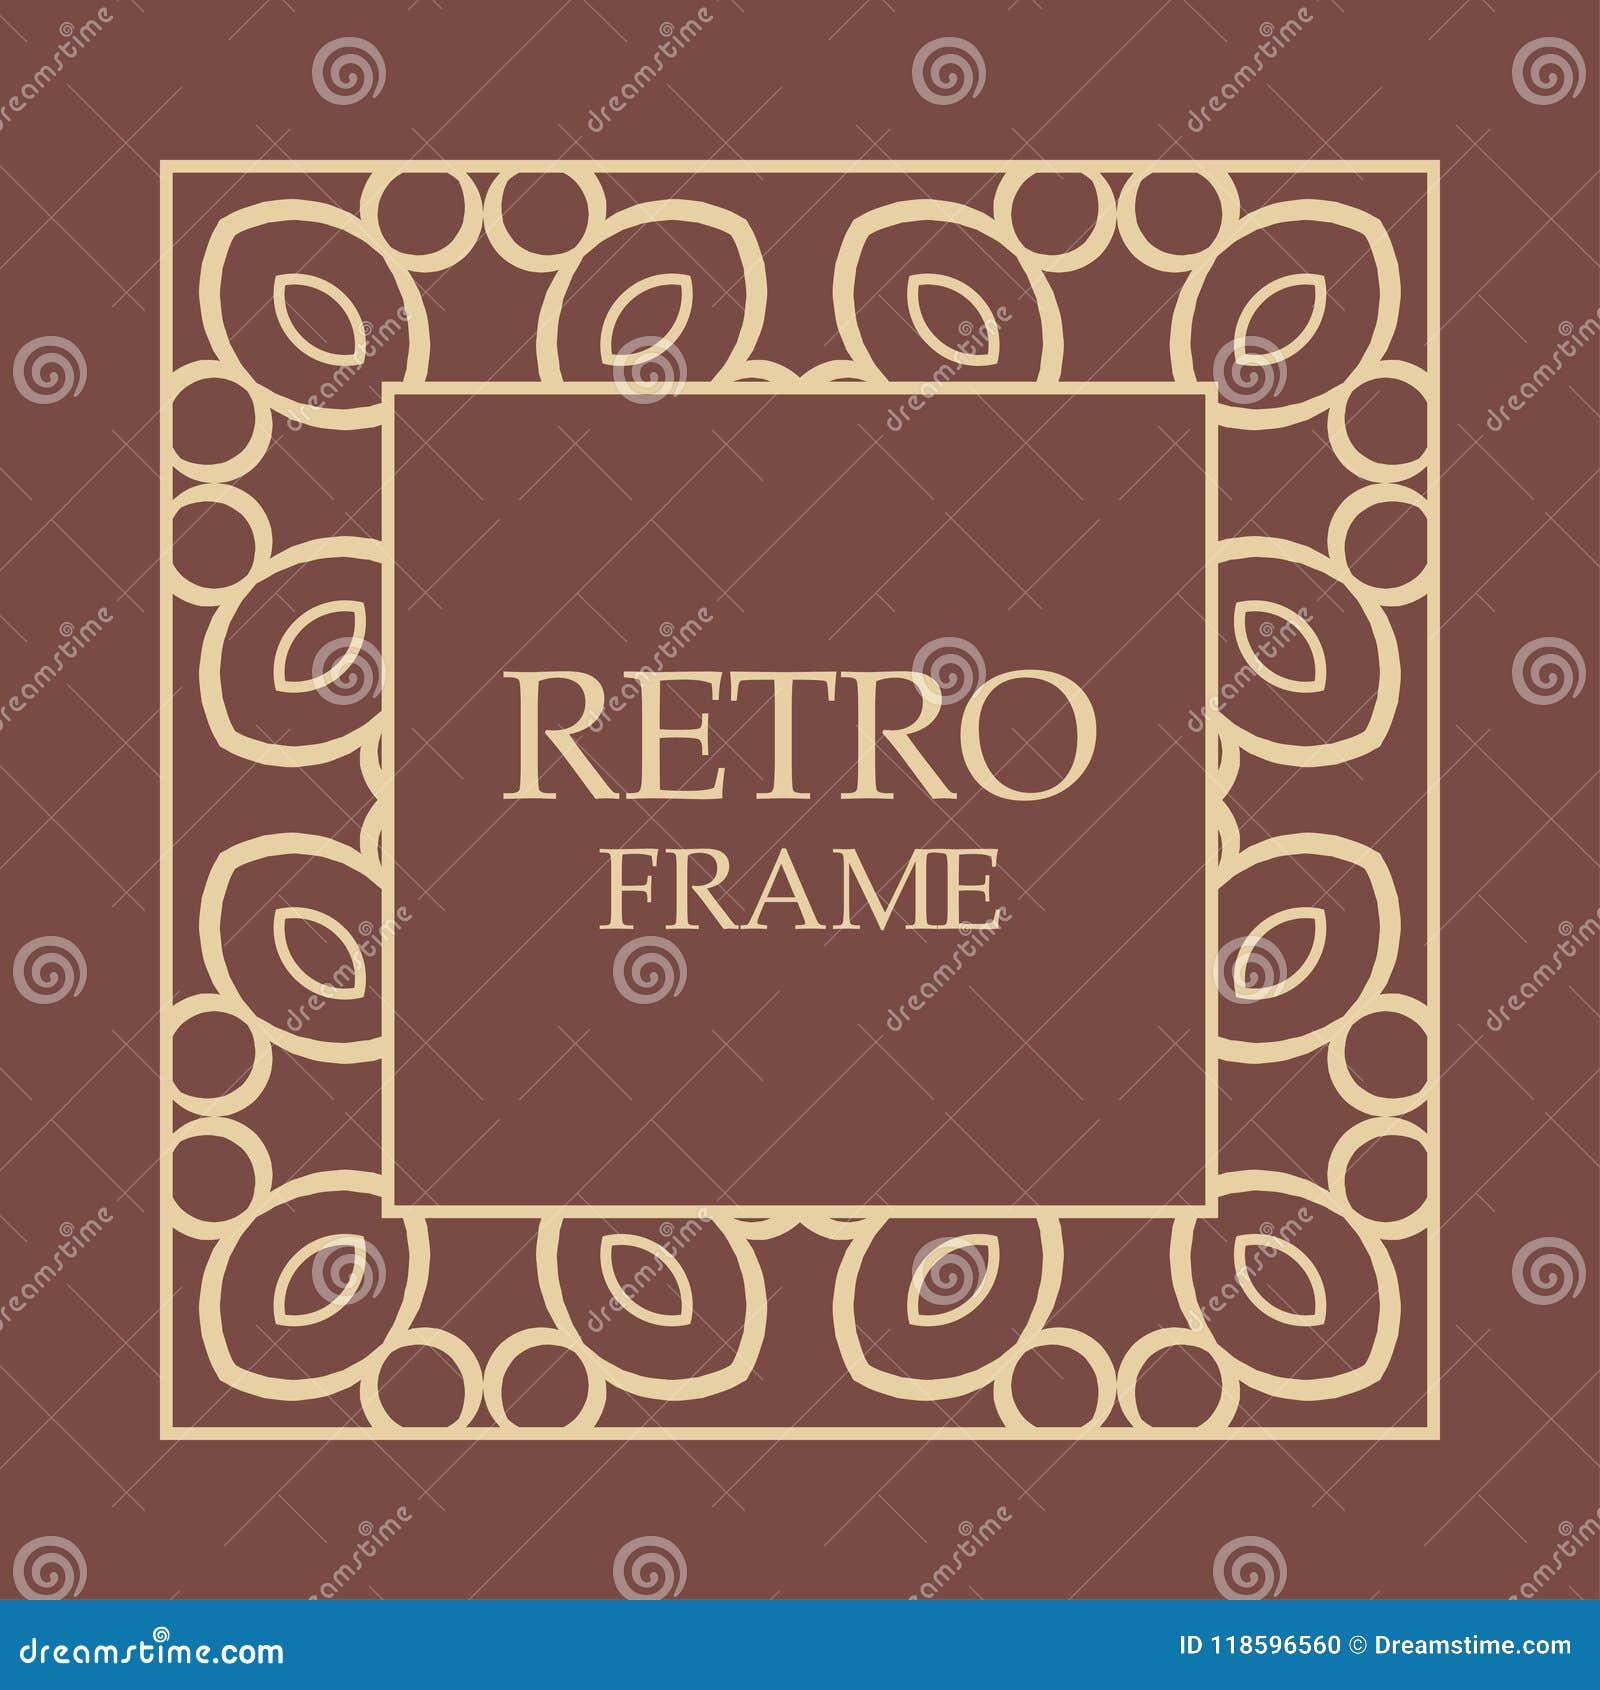 Vintage decorative frame stock vector. Illustration of border ...